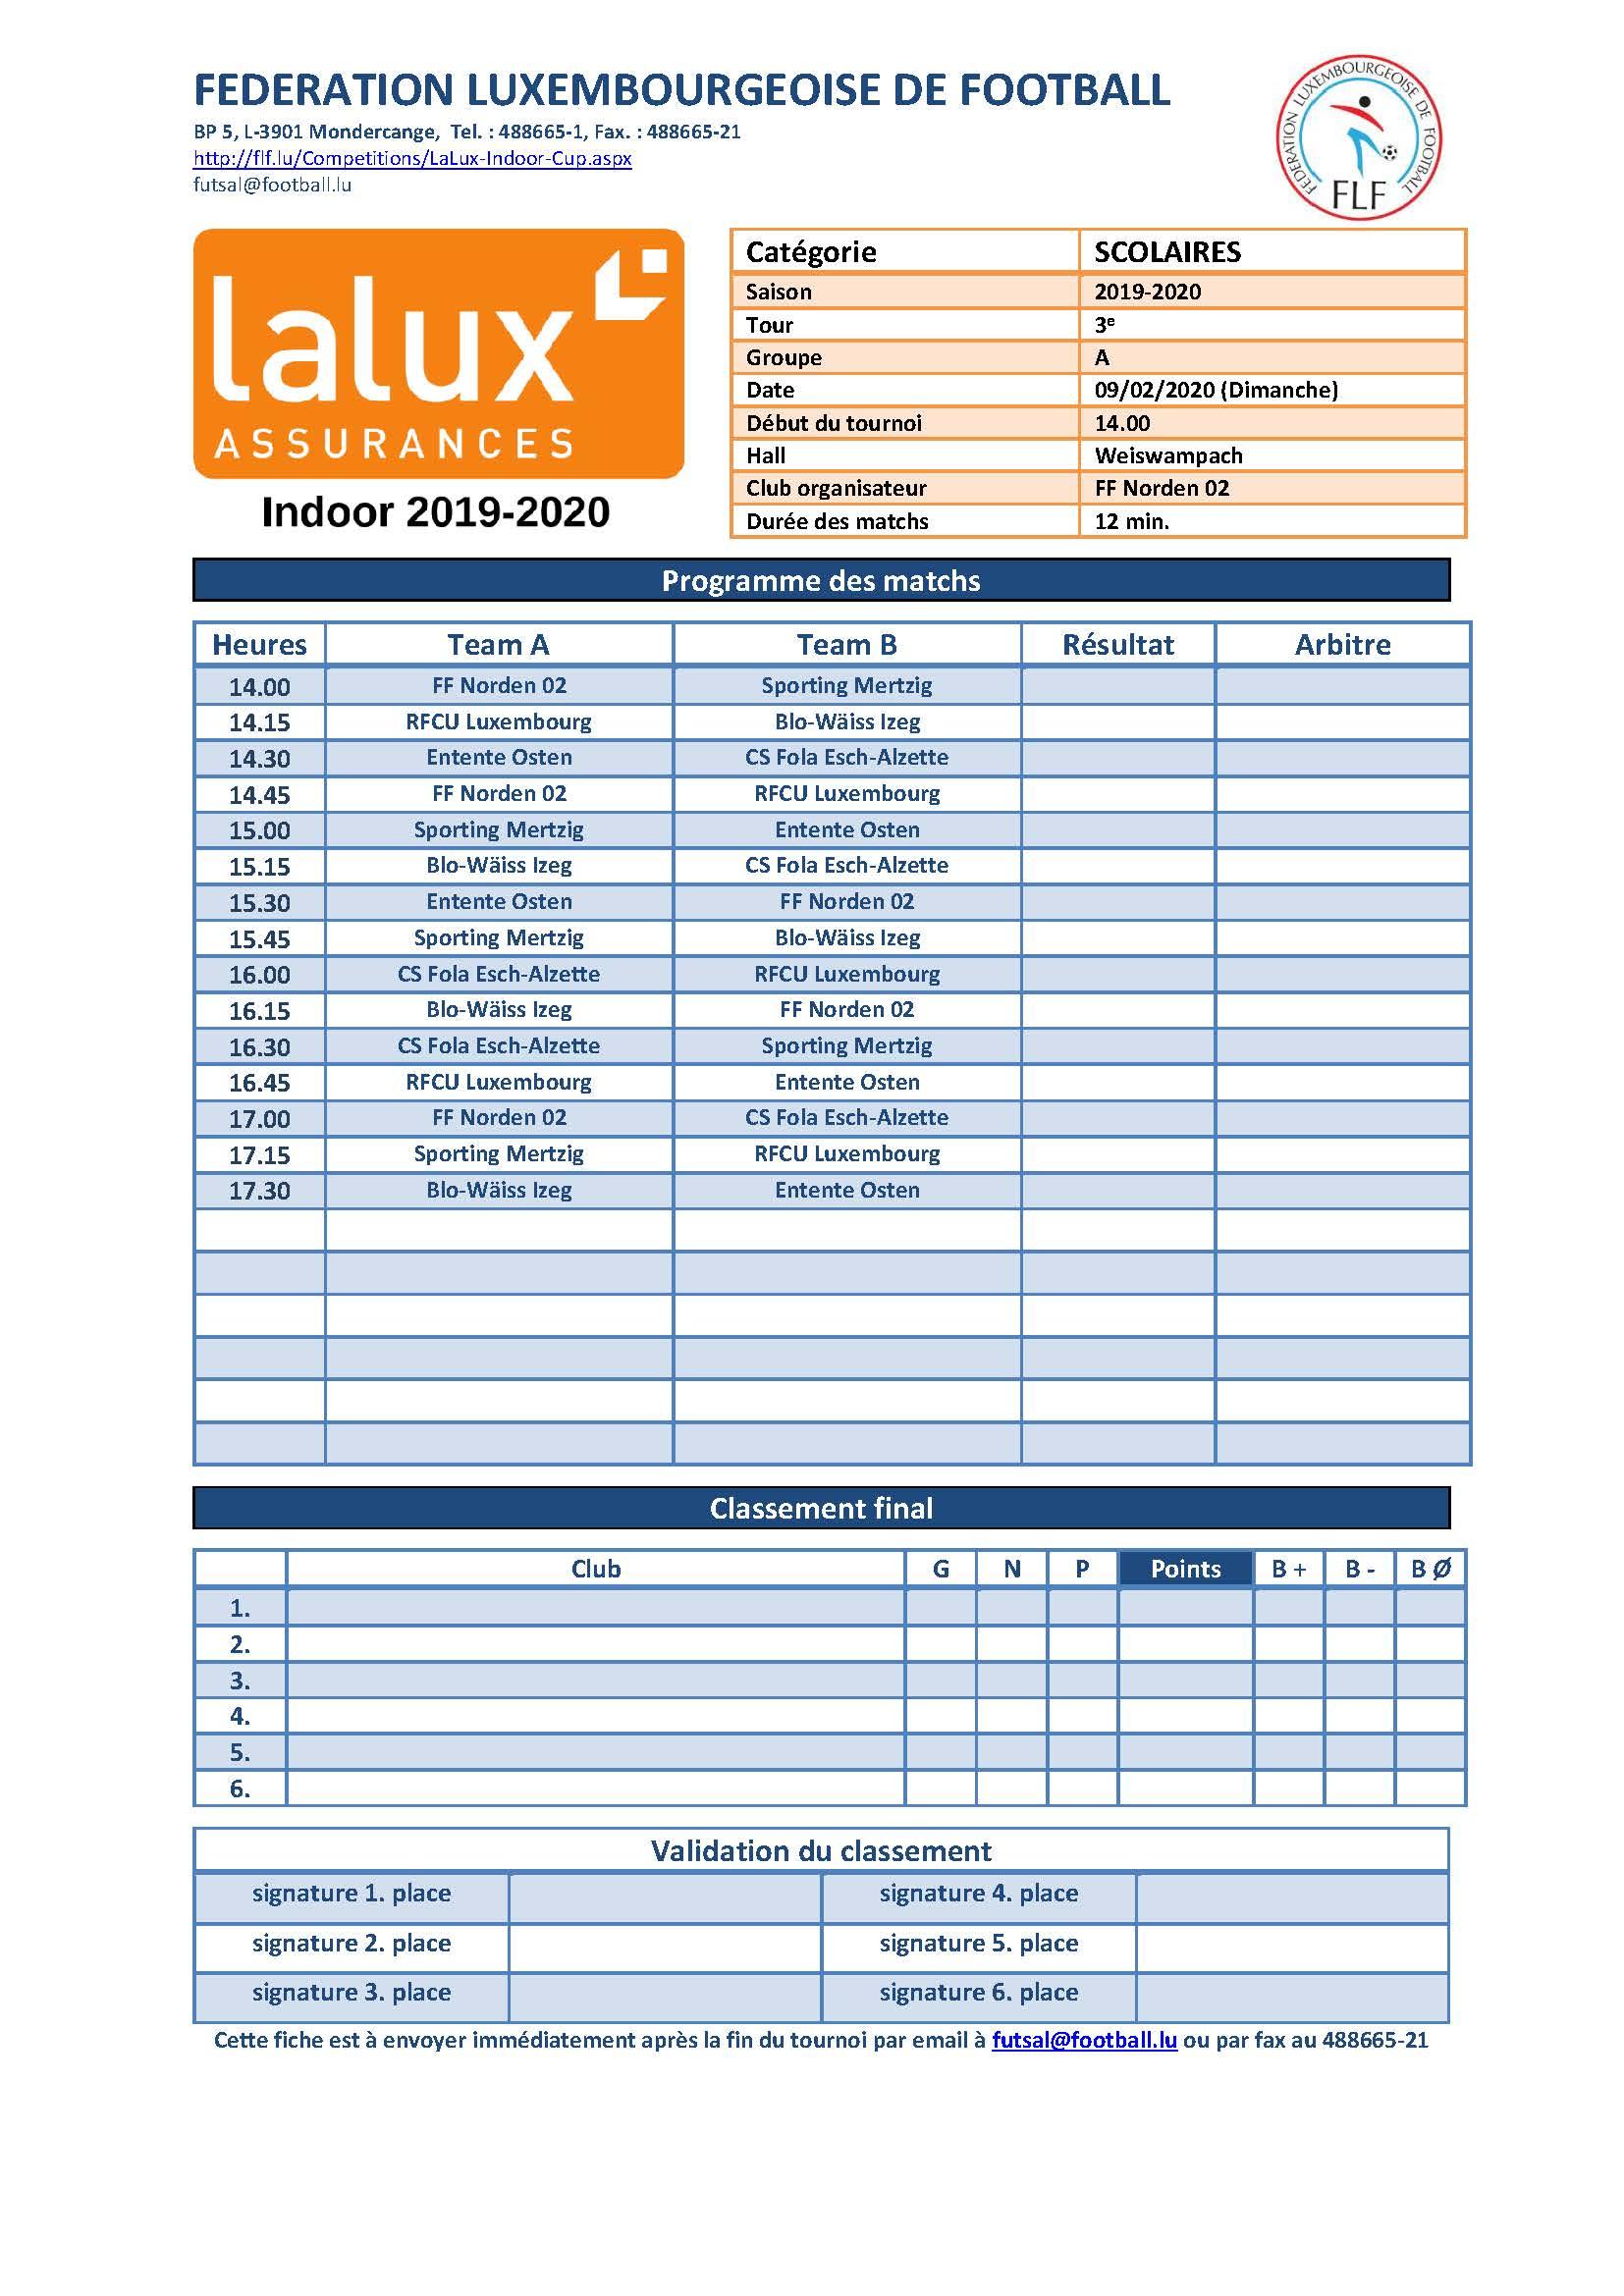 LALUX - INDOOR 2020 - Scolaires